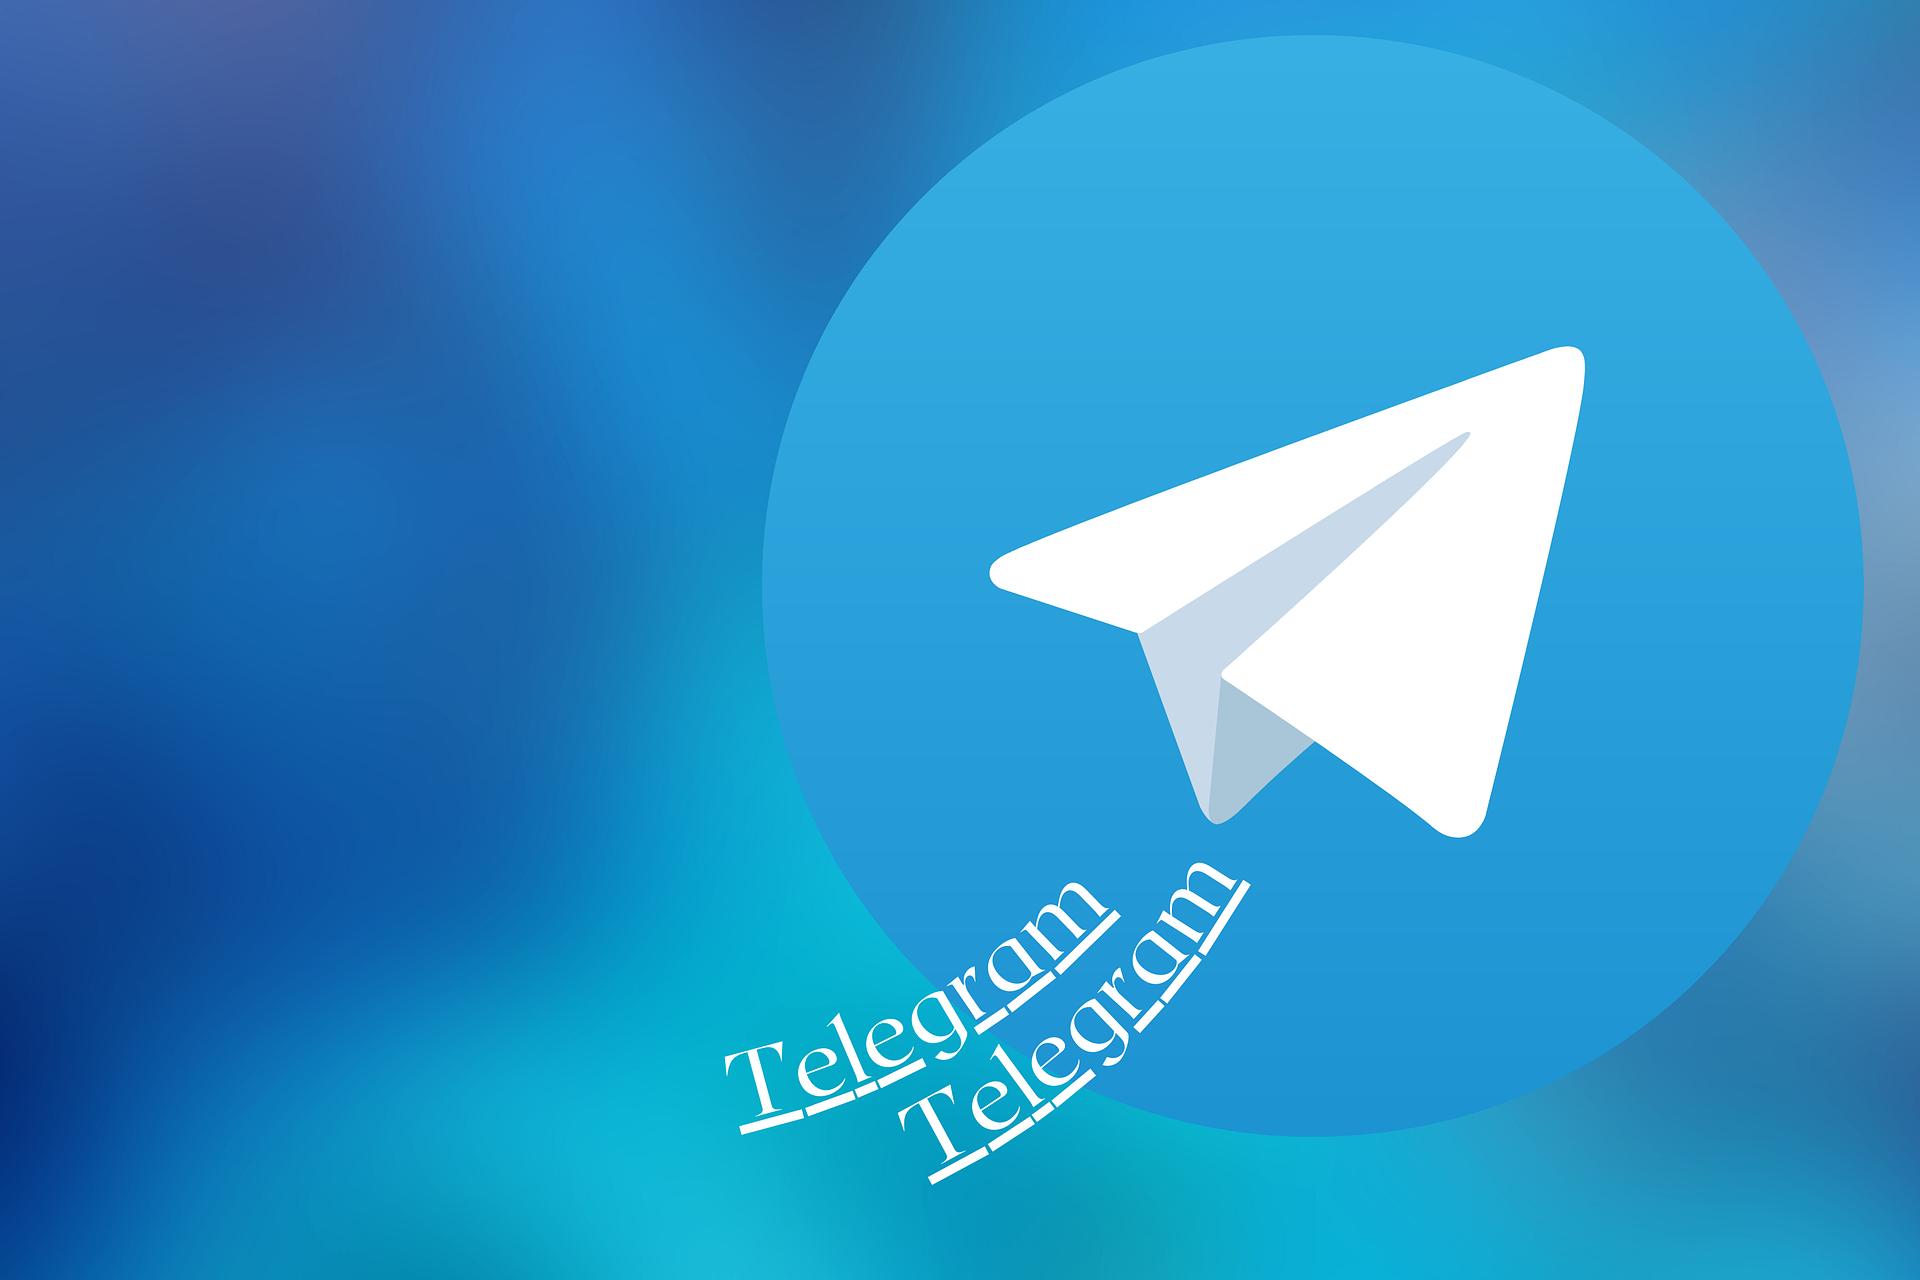 Nuovo update di Telegram con emoji interattive e tante novità